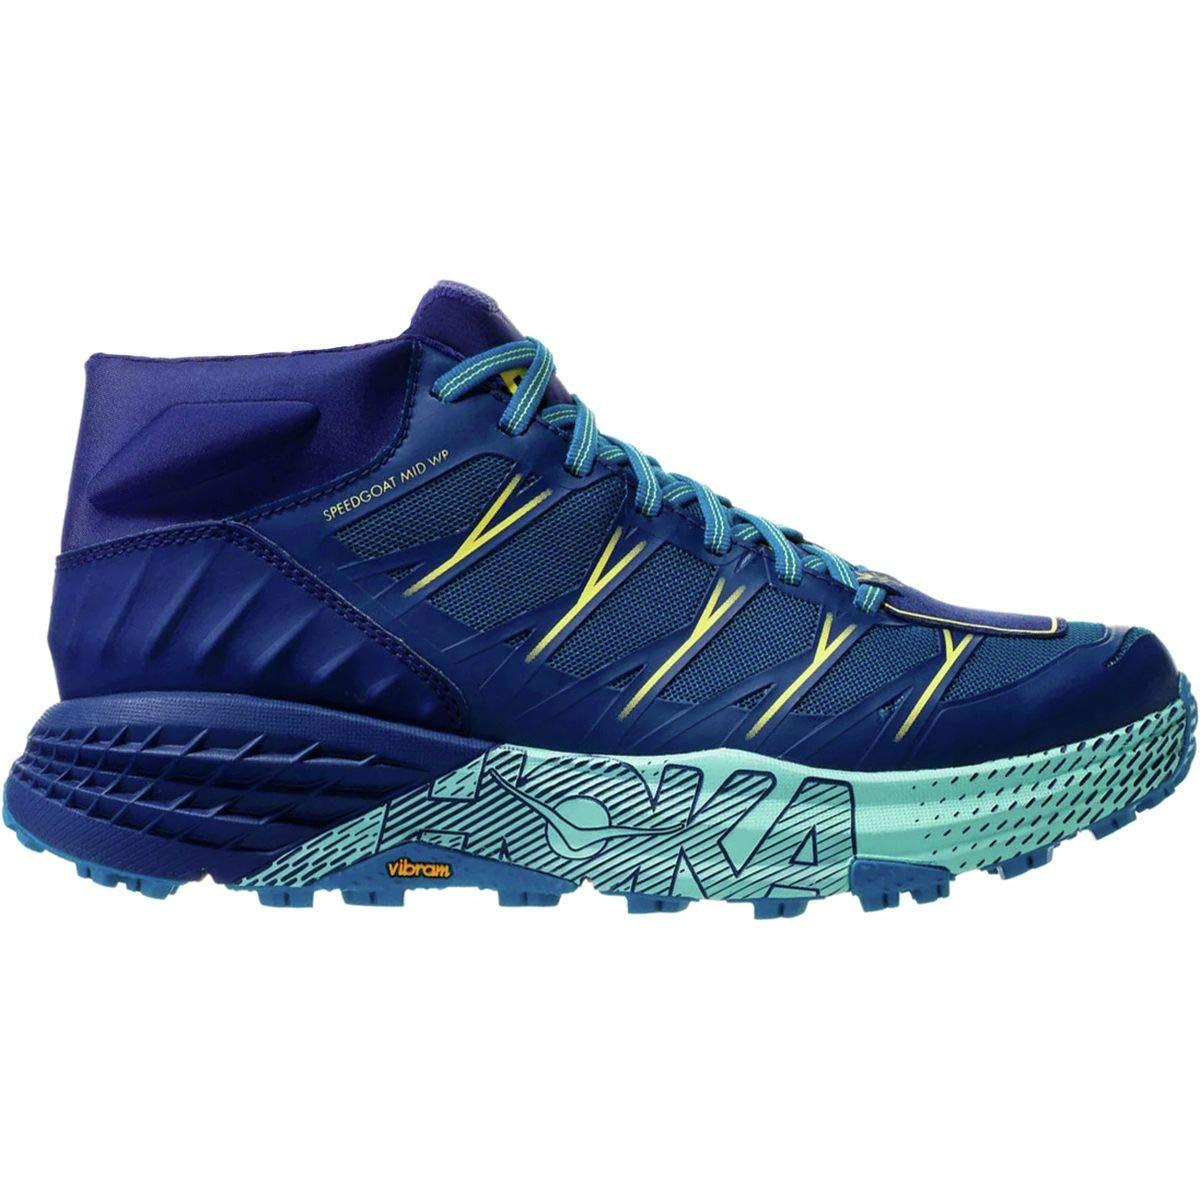 注文割引 [ホッカオネオネ] Shoe レディース ランニング Speedgoat Mid WP Trail [並行輸入品] Run Shoe Speedgoat [並行輸入品] B07P5C9RC9 8, 【元祖】逆さアレンジのPistil:a73bdc7a --- refer.officeporto.com